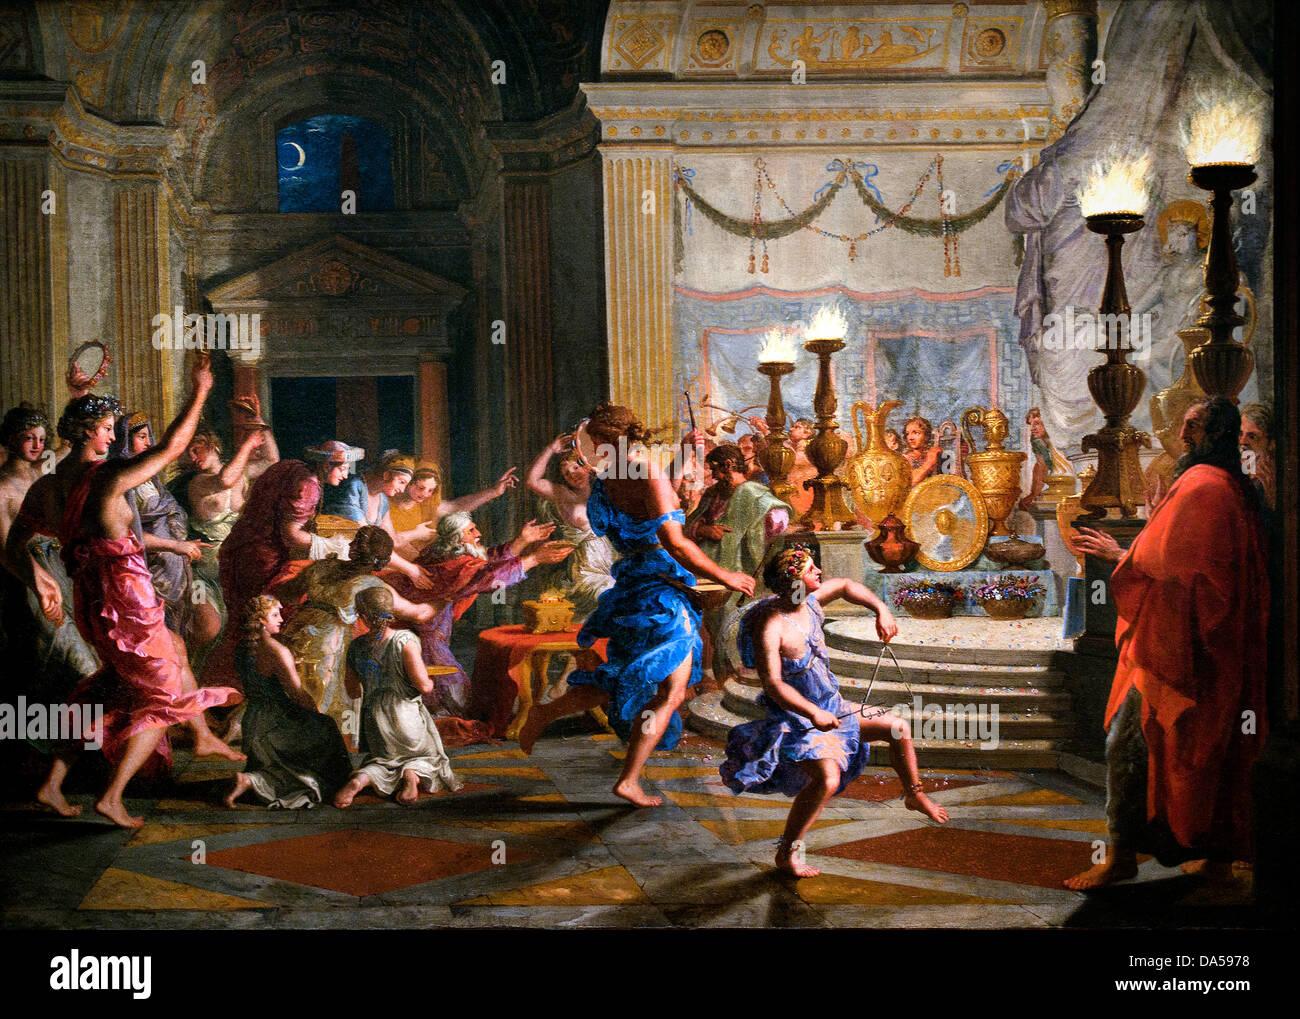 L'adoration des idoles 1650 Salomon Jacques Stella 1596-1657 Français France Photo Stock